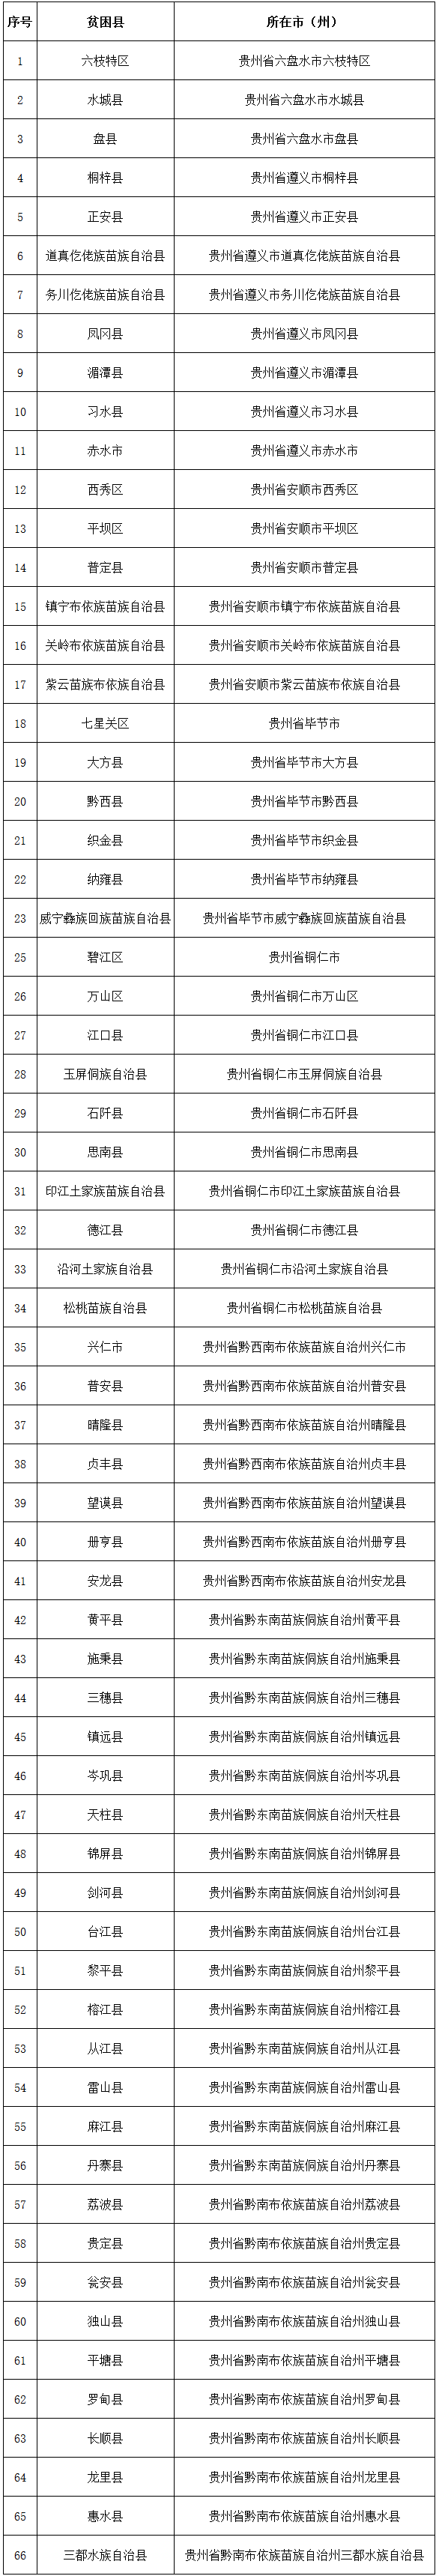 贵州66个贫困县免收绿色食品认证审核费和标志使用费